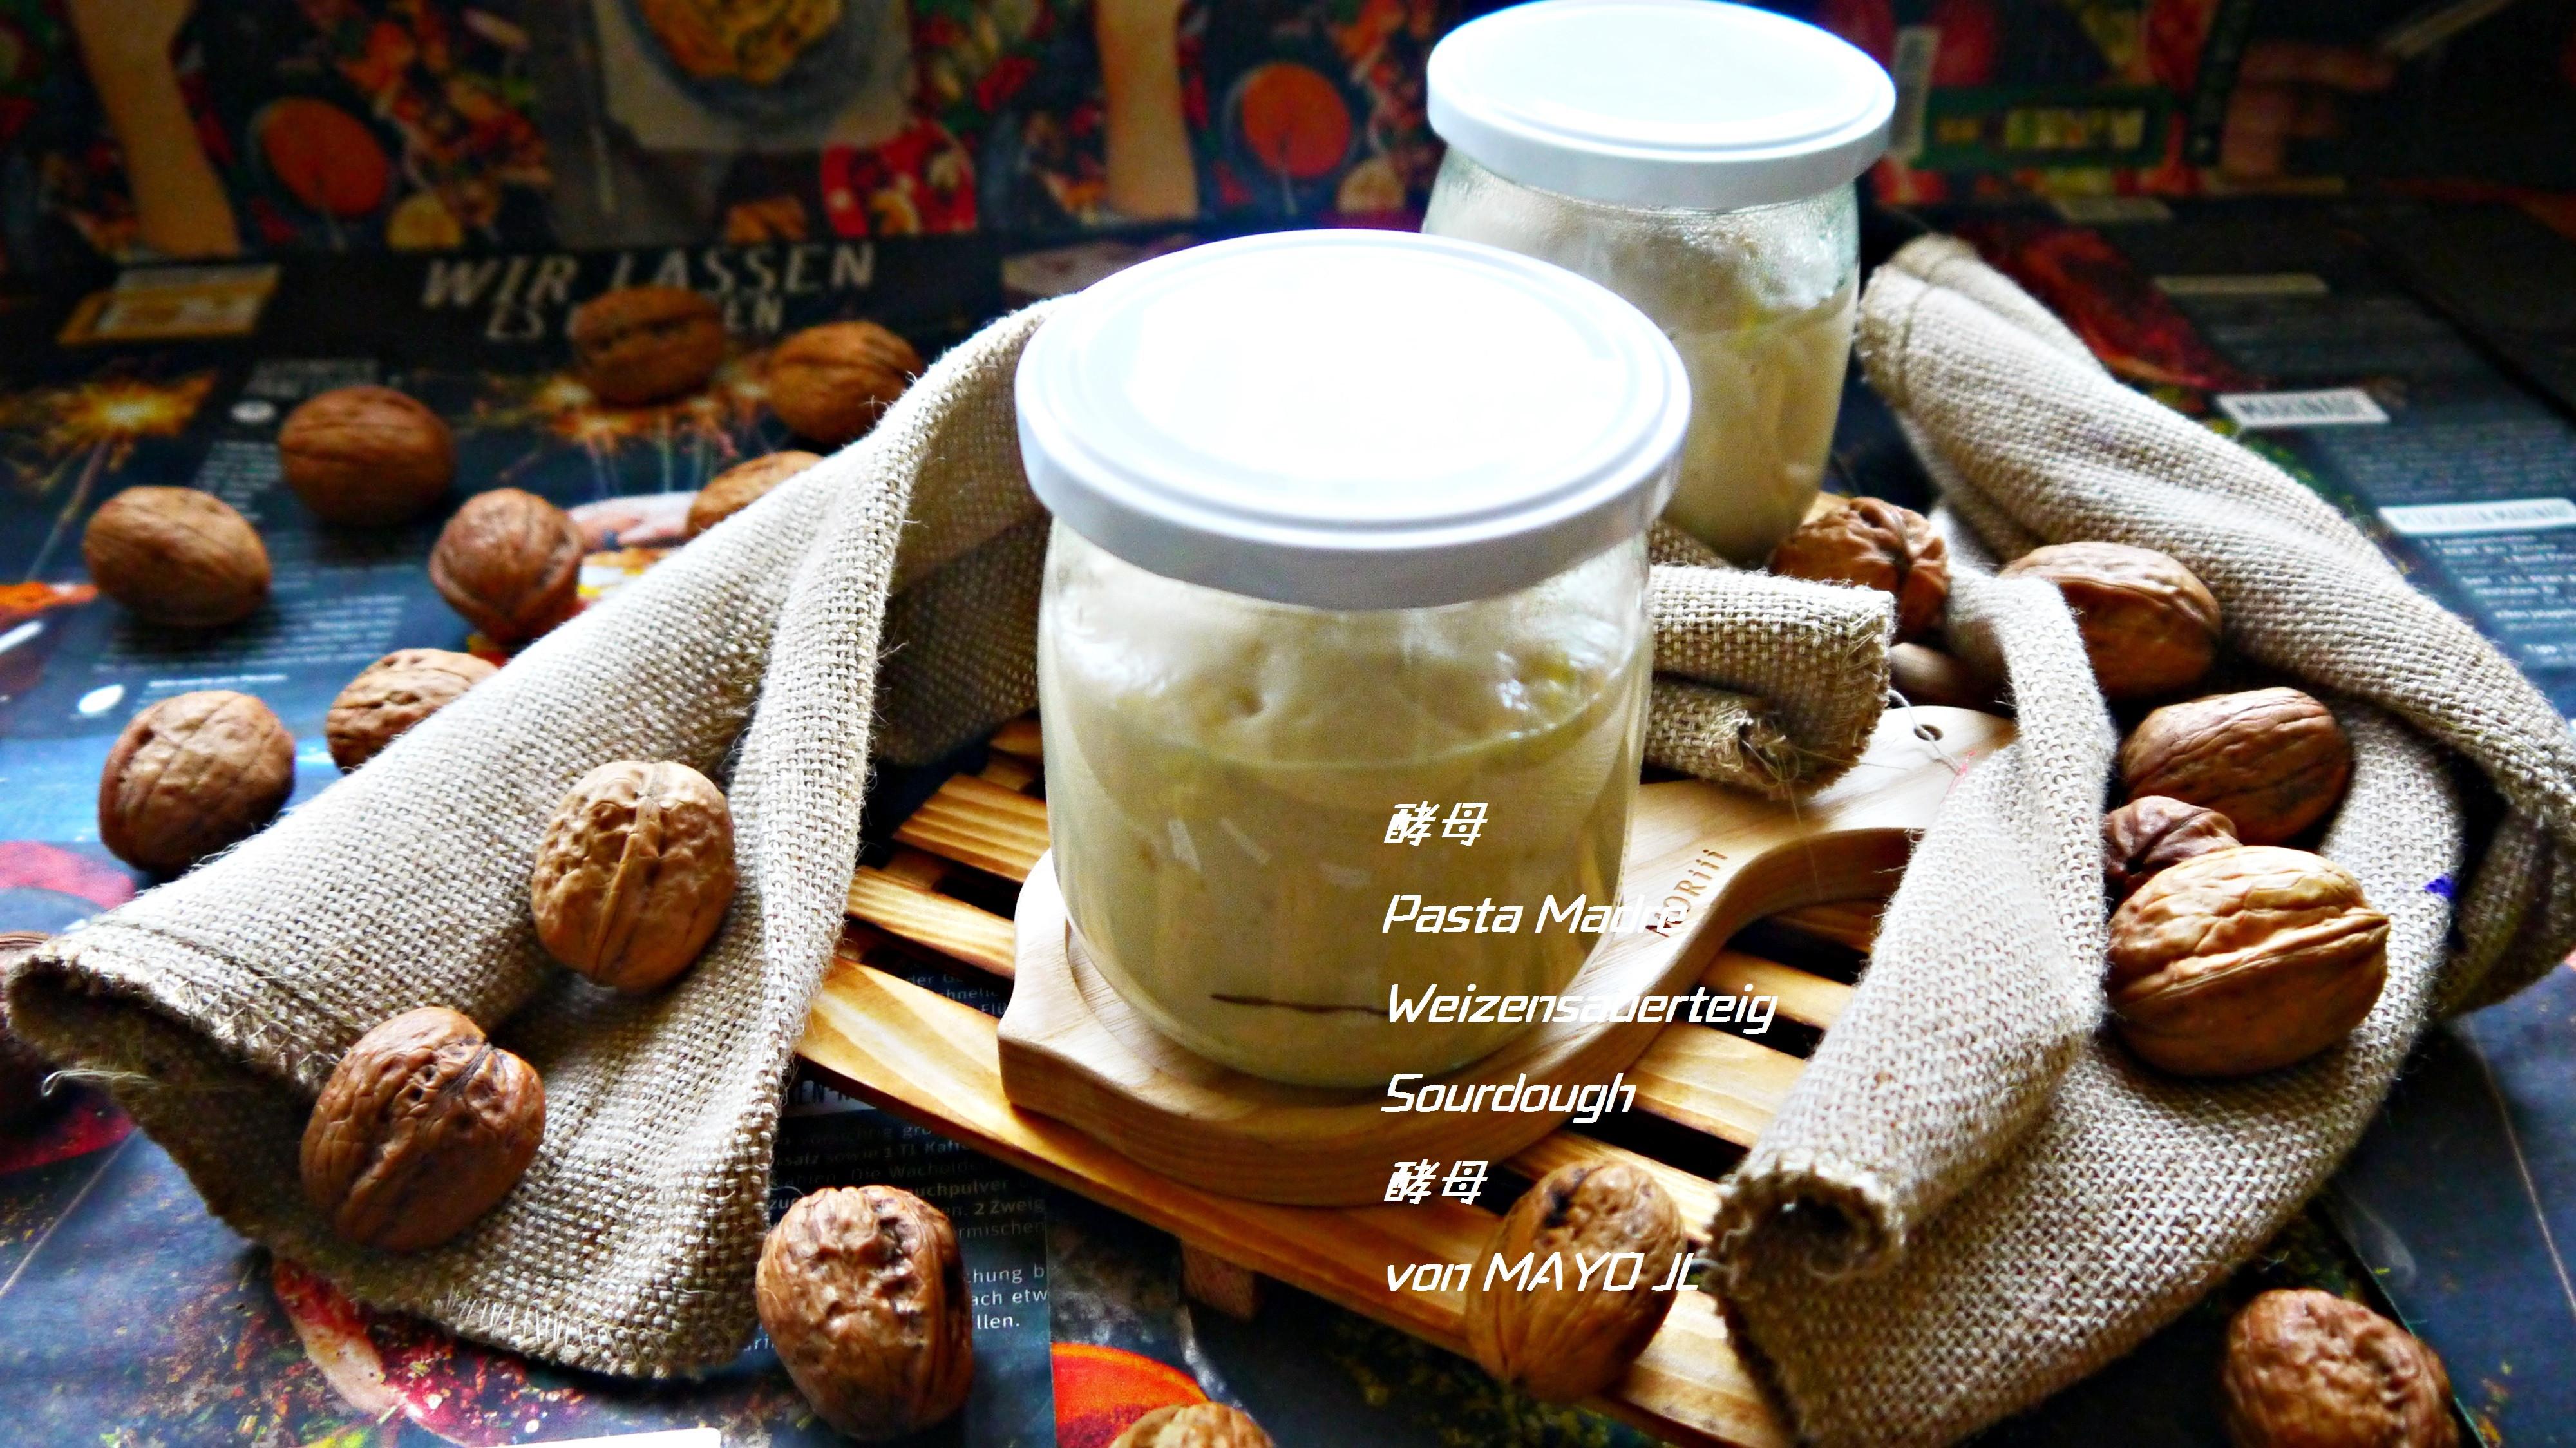 酵母/Pasta Madre